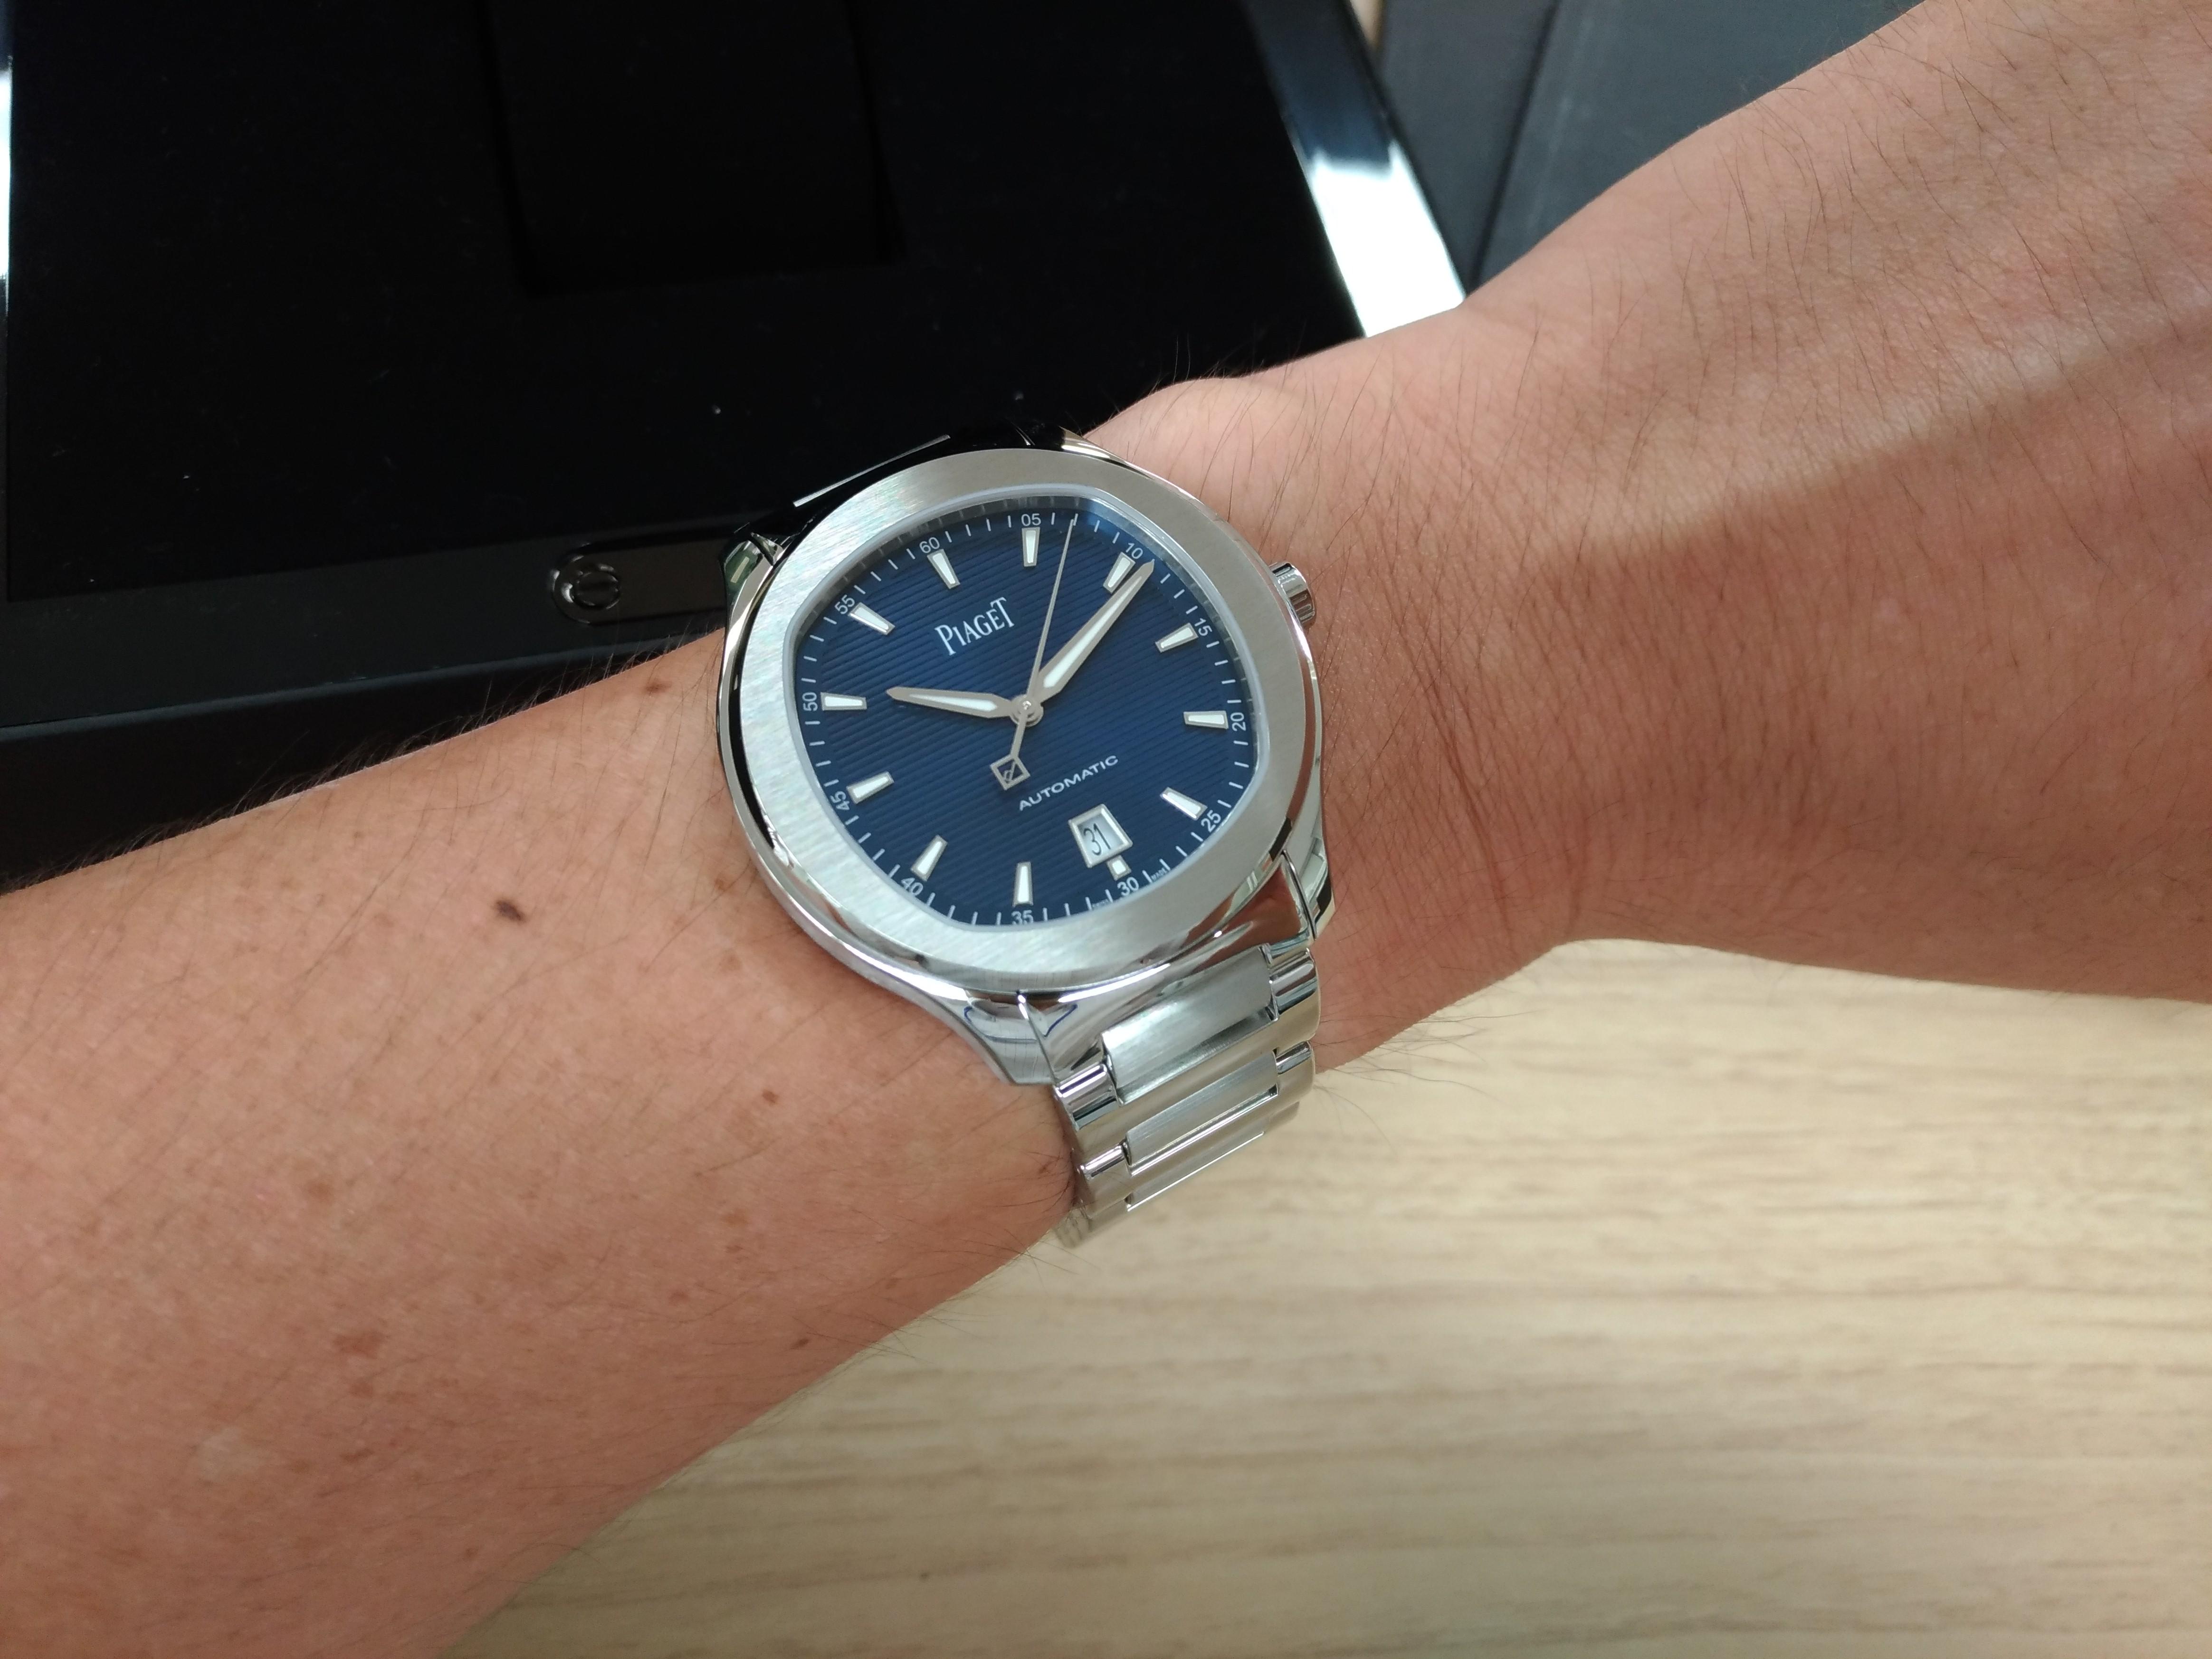 【レビュー】ピアジェ ポロ S 42mm  G0A41002 あともう少しな腕時計